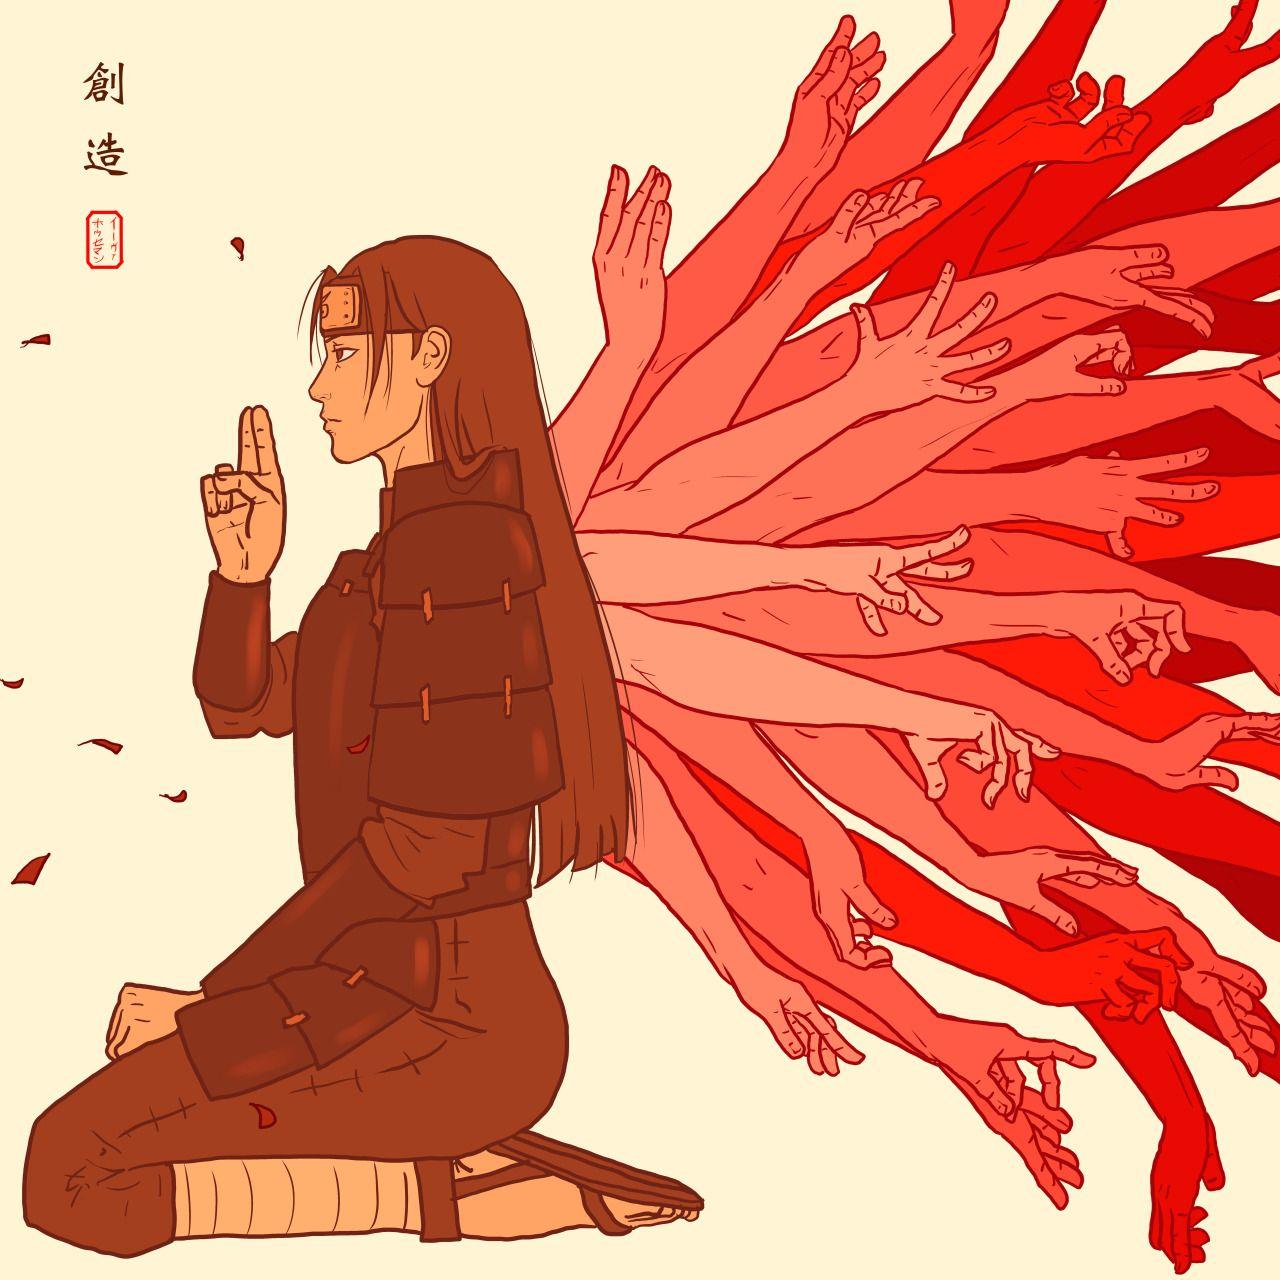 """是生滅法 """"zeshoumeppou- The law of arising and... - Eva Draws. Hashirama"""